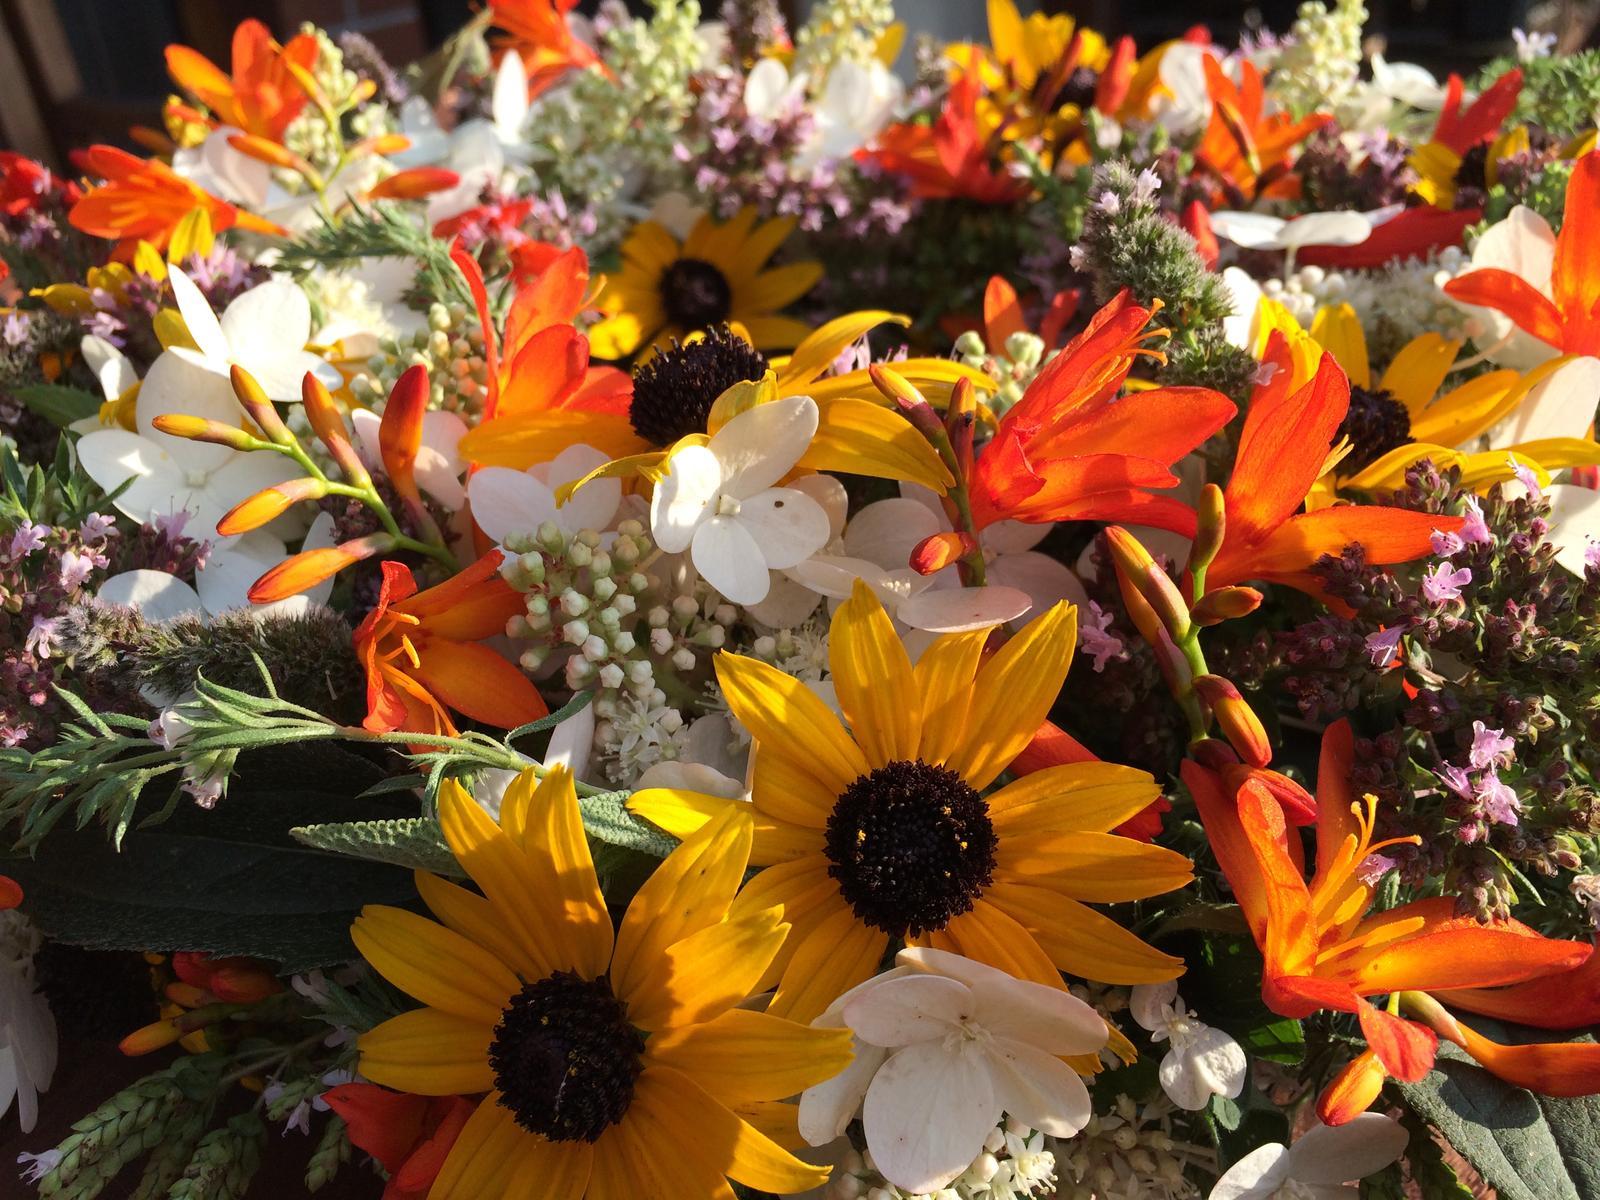 Dekorace z květin Pro radost - Obrázek č. 149